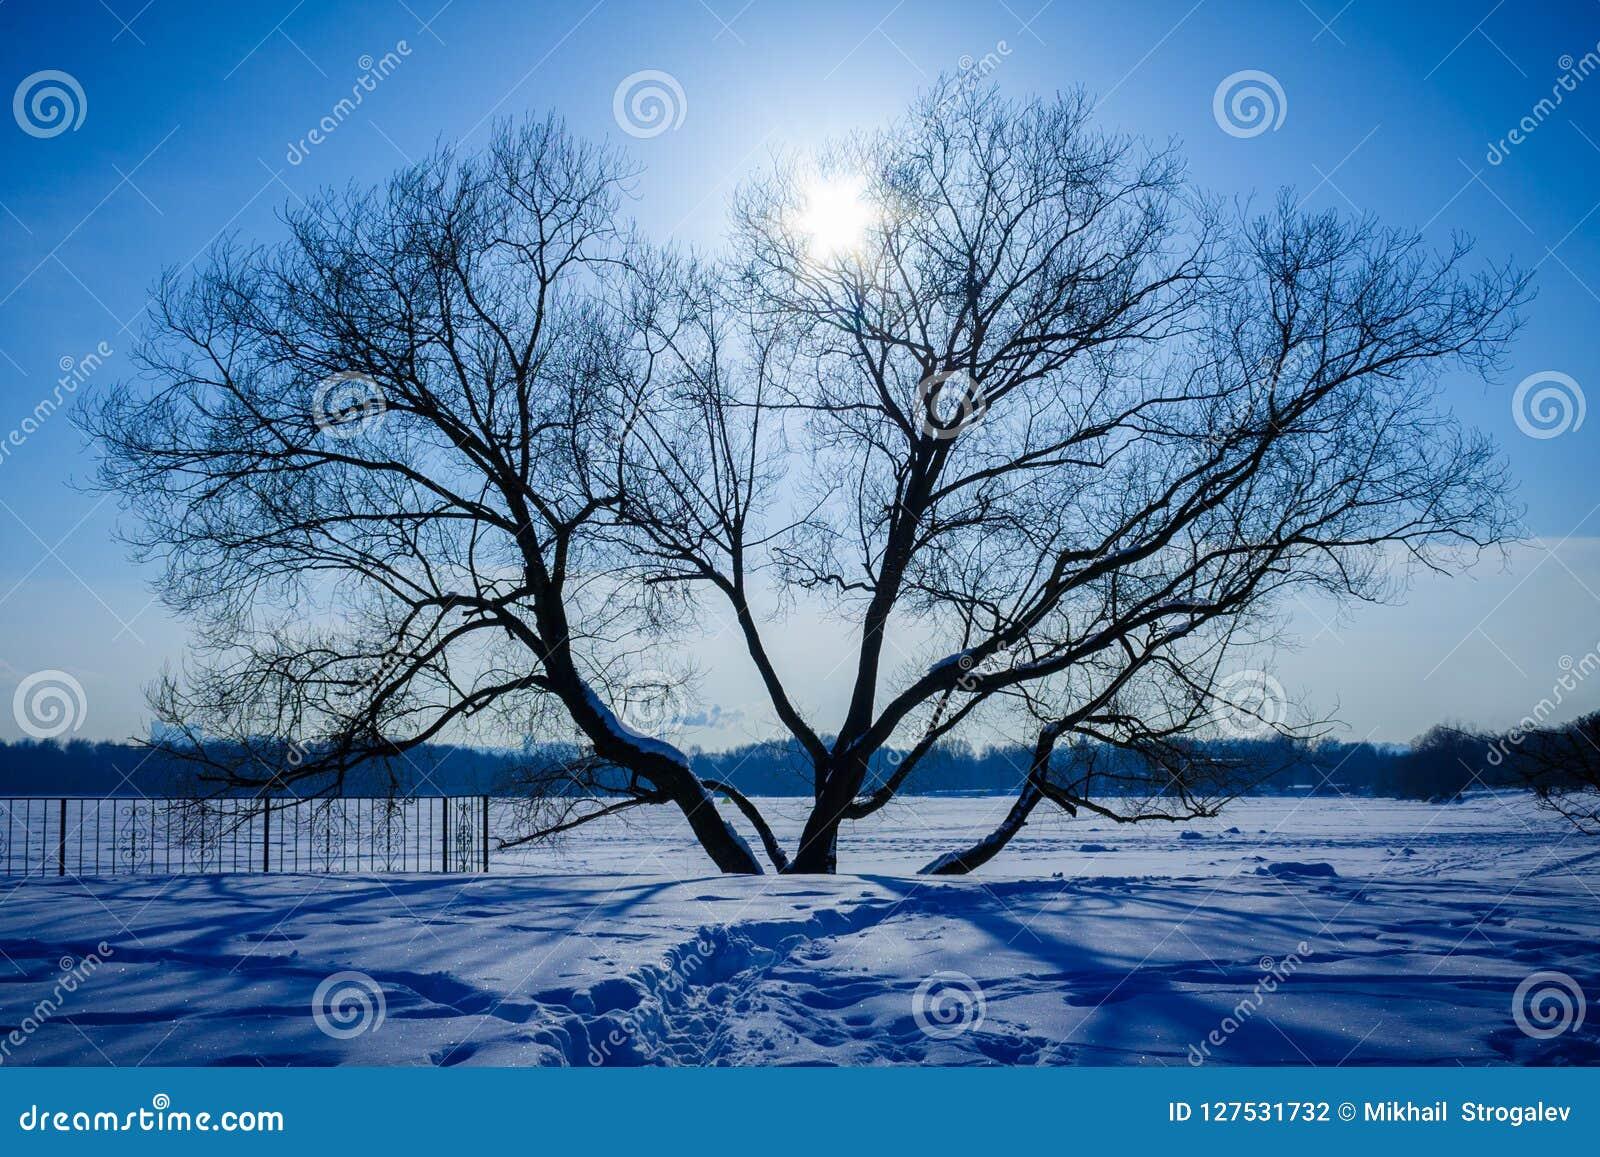 Donker silhouet van eenzame boom, tegenover een zonlicht